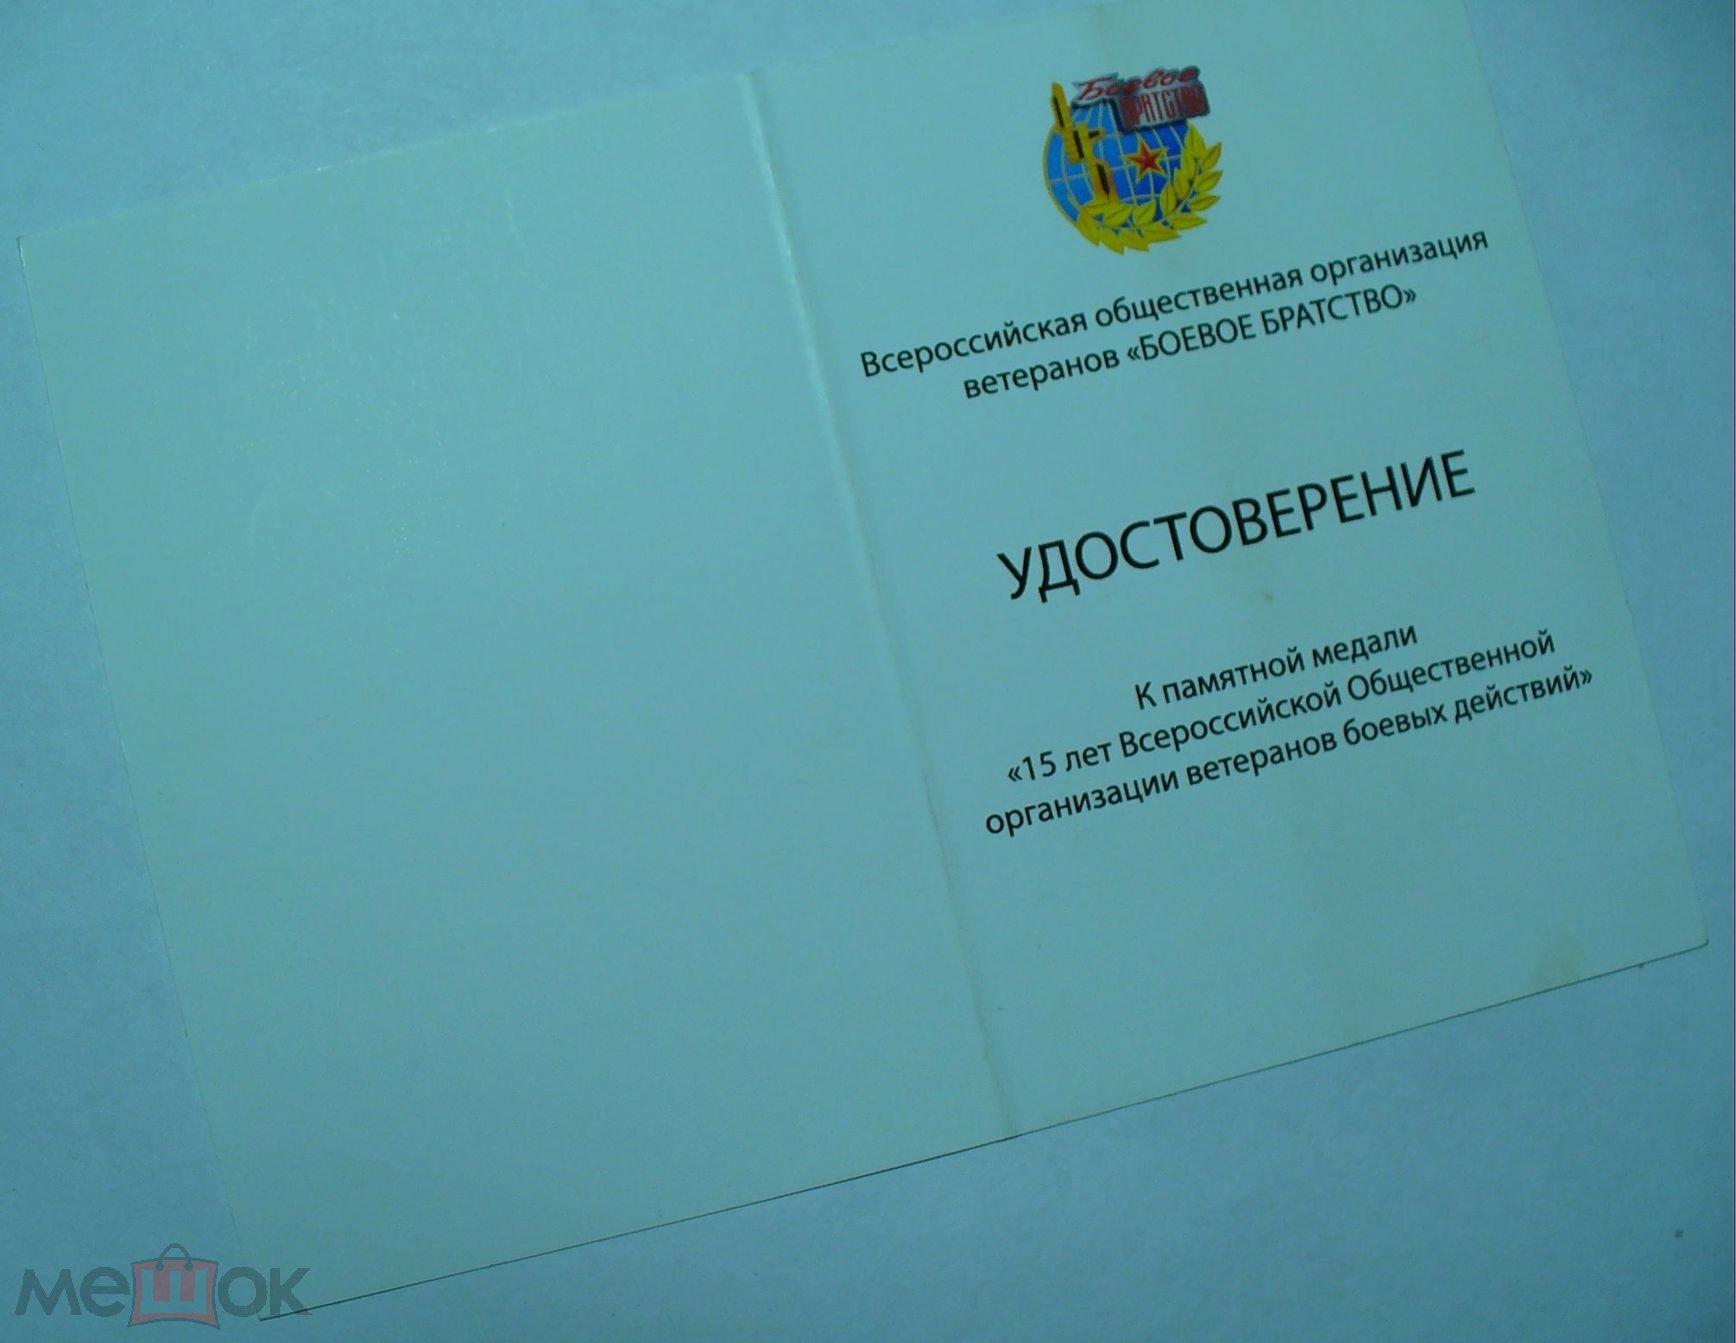 Документ удостоверение на медаль 15 лет организации ветеранов боевых действий Боевое братство Афган